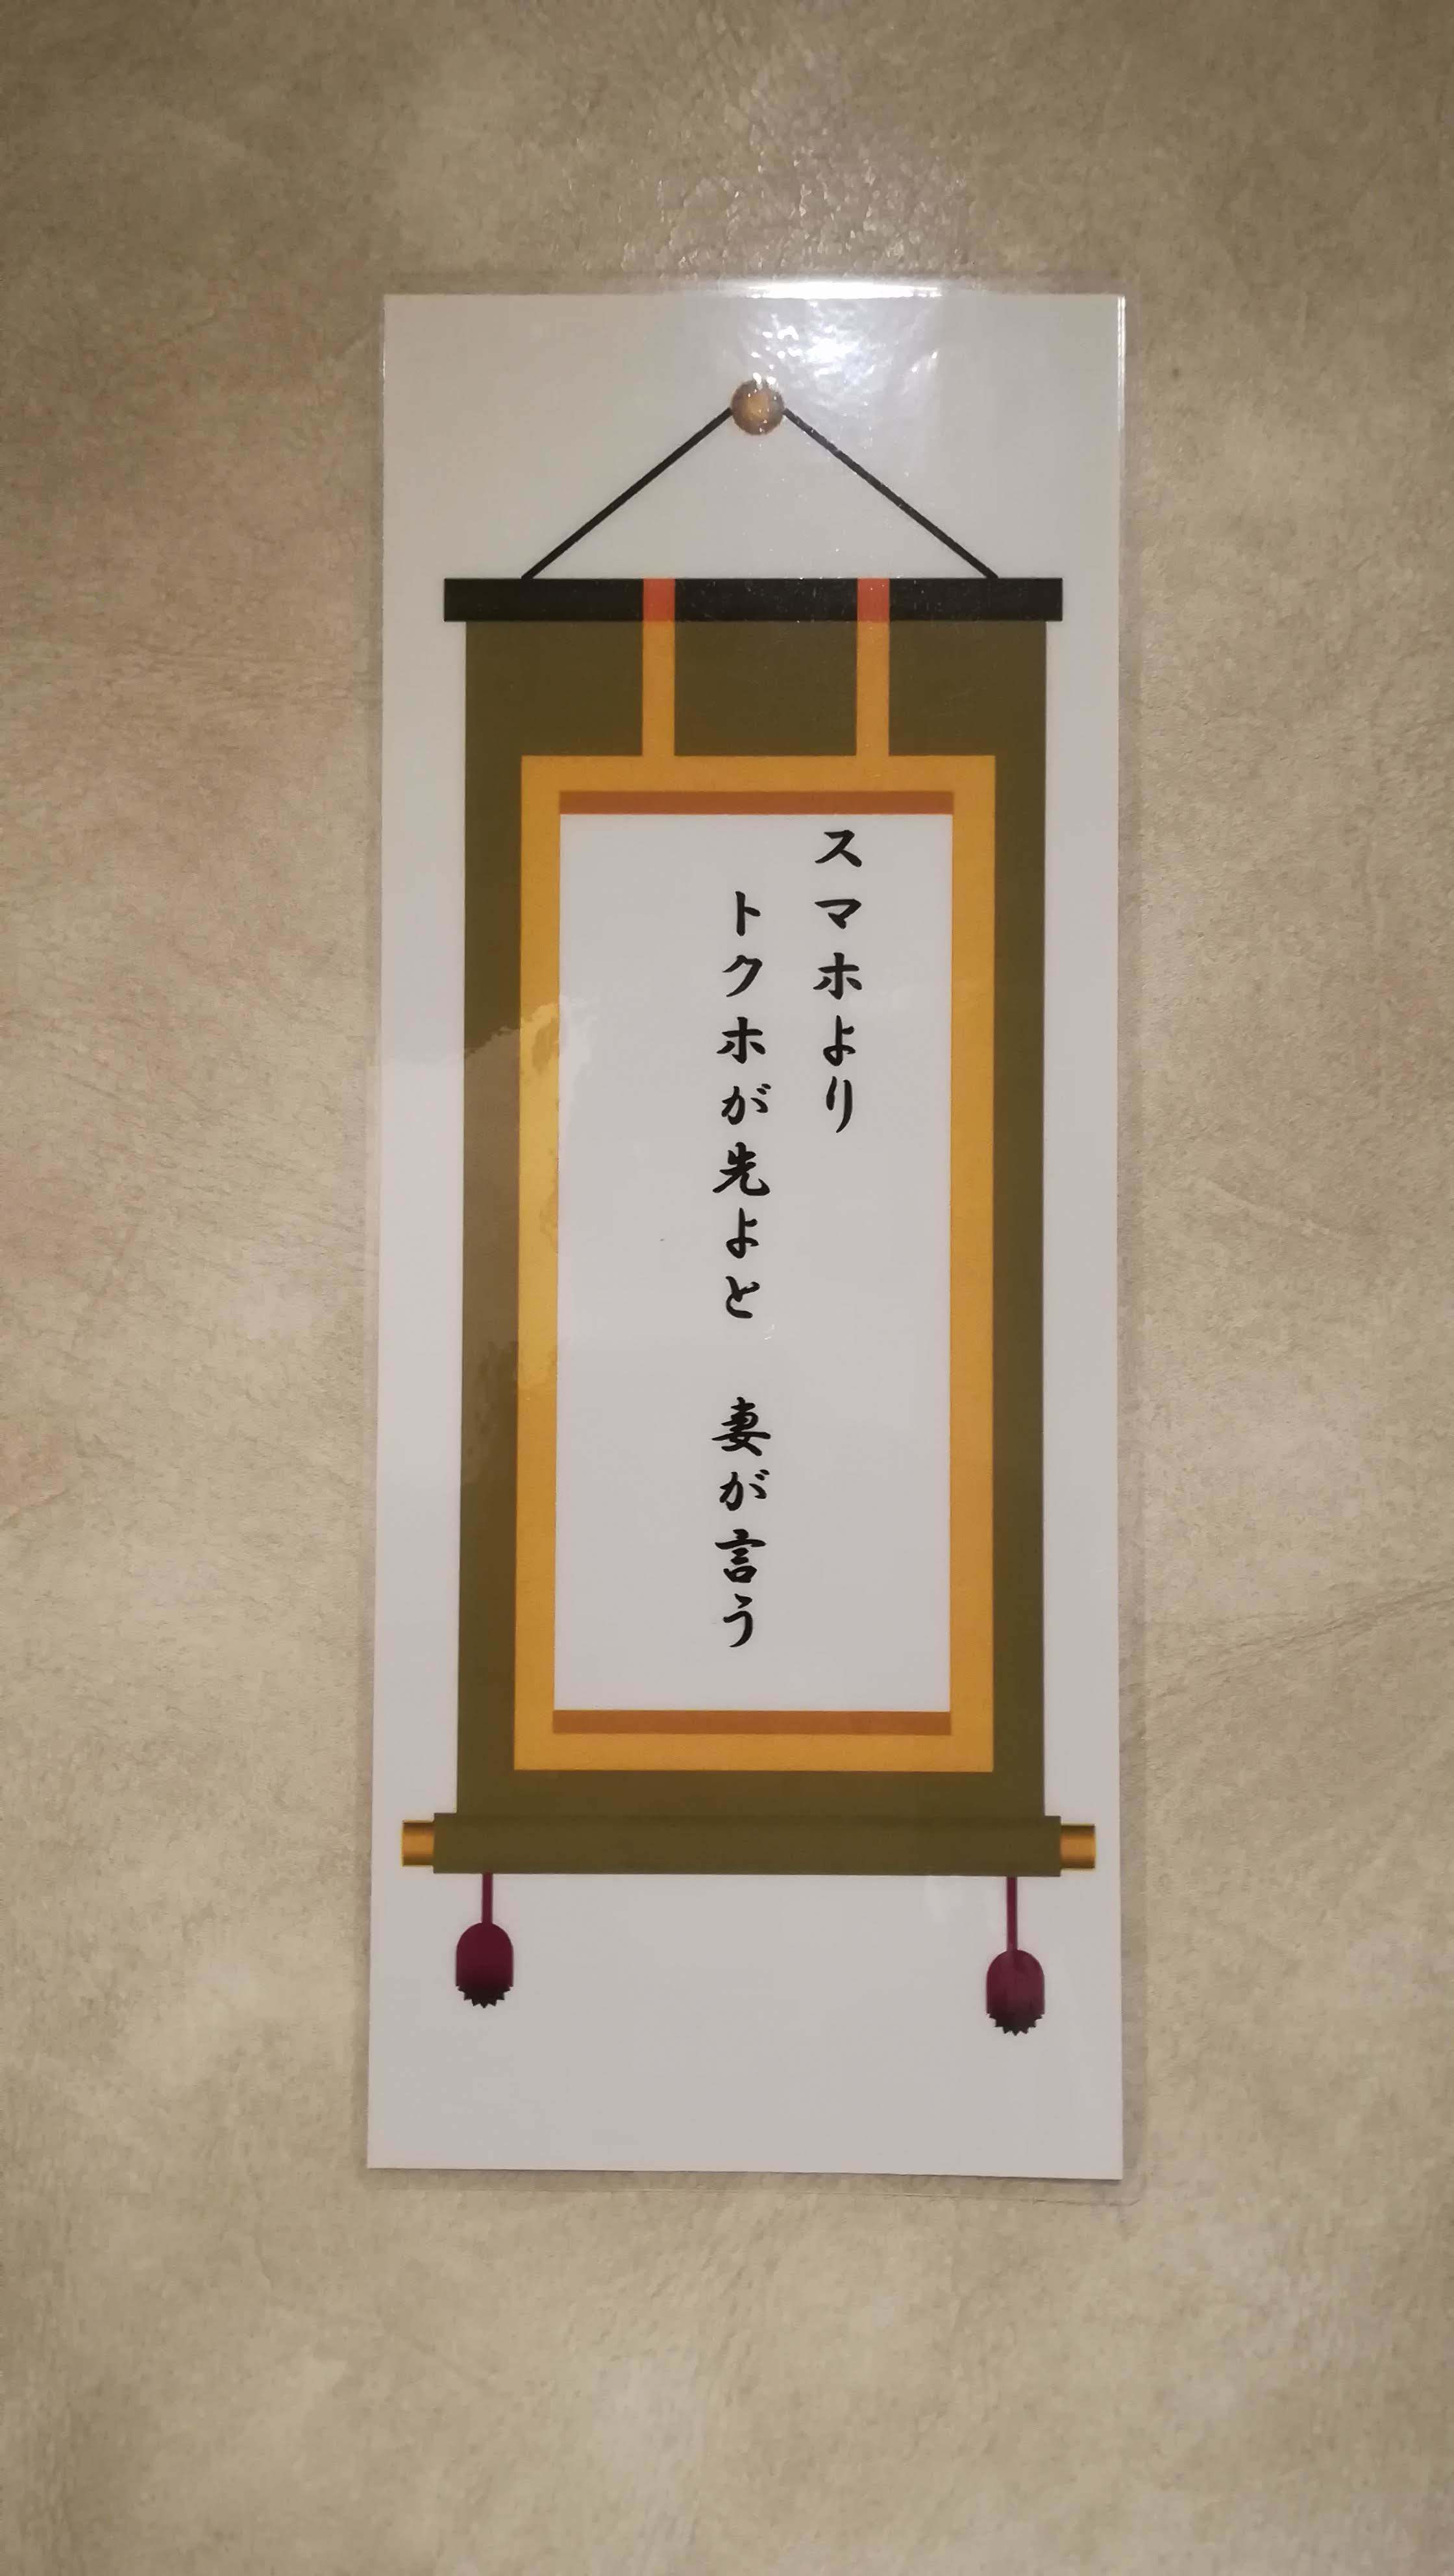 ヤクルト本社 富士裾野工場の見学_c0193896_16144511.jpg